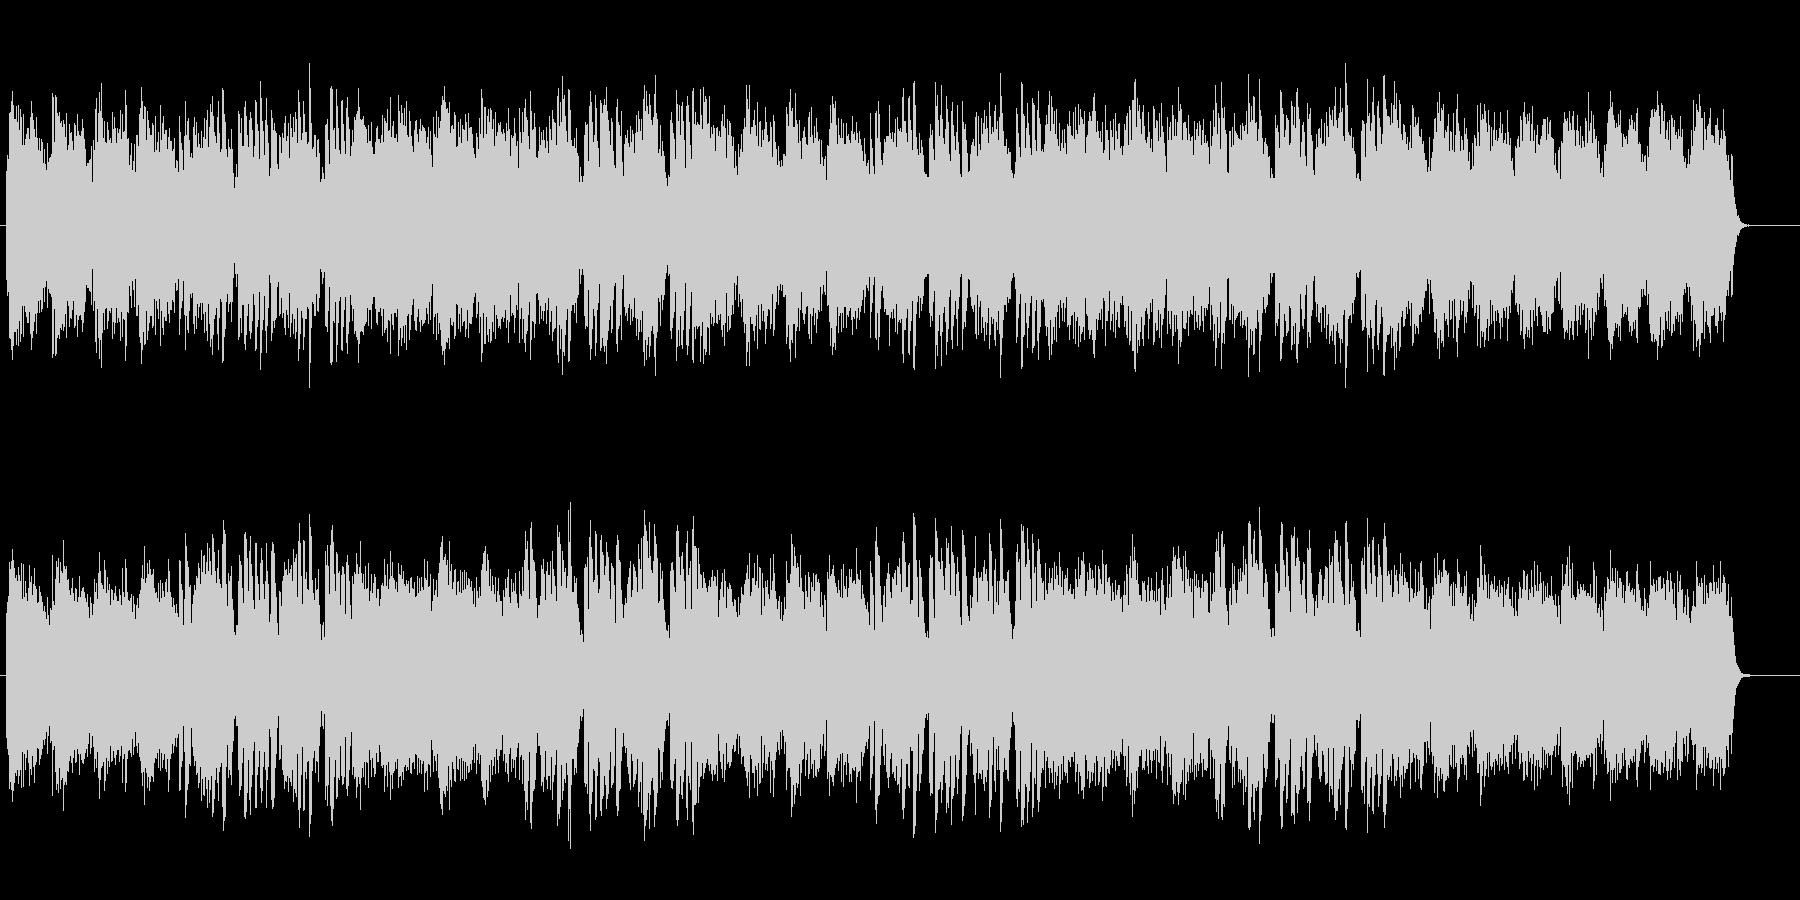 キラキラと煌びやかなテクノポップサウンドの未再生の波形